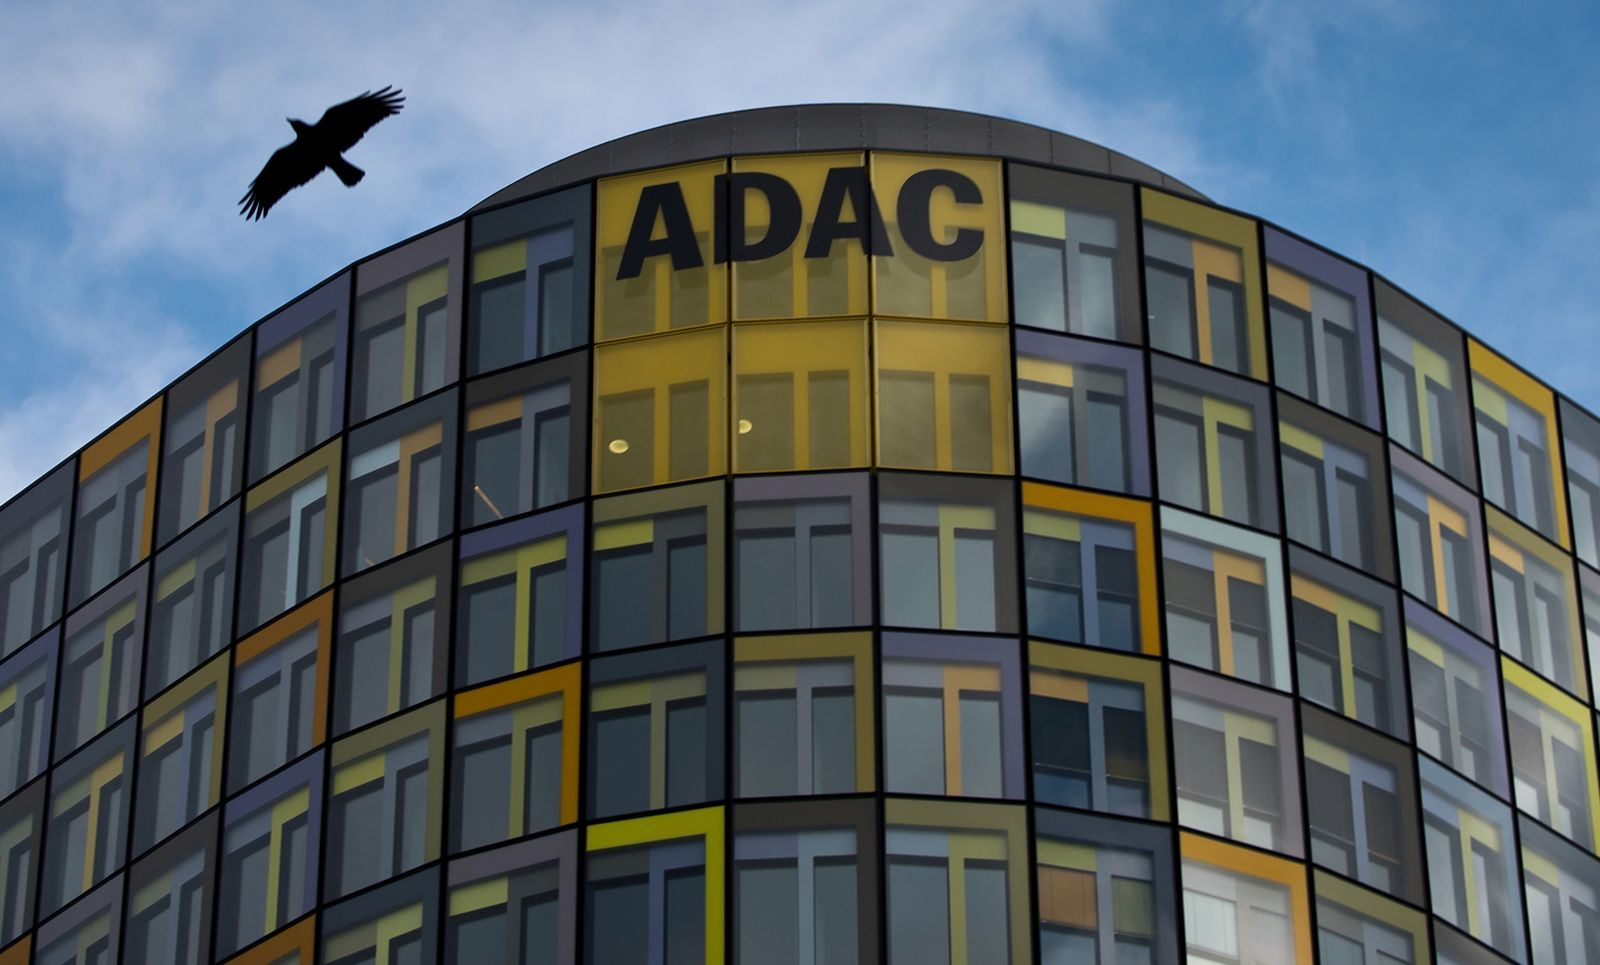 ADAC / Symbol